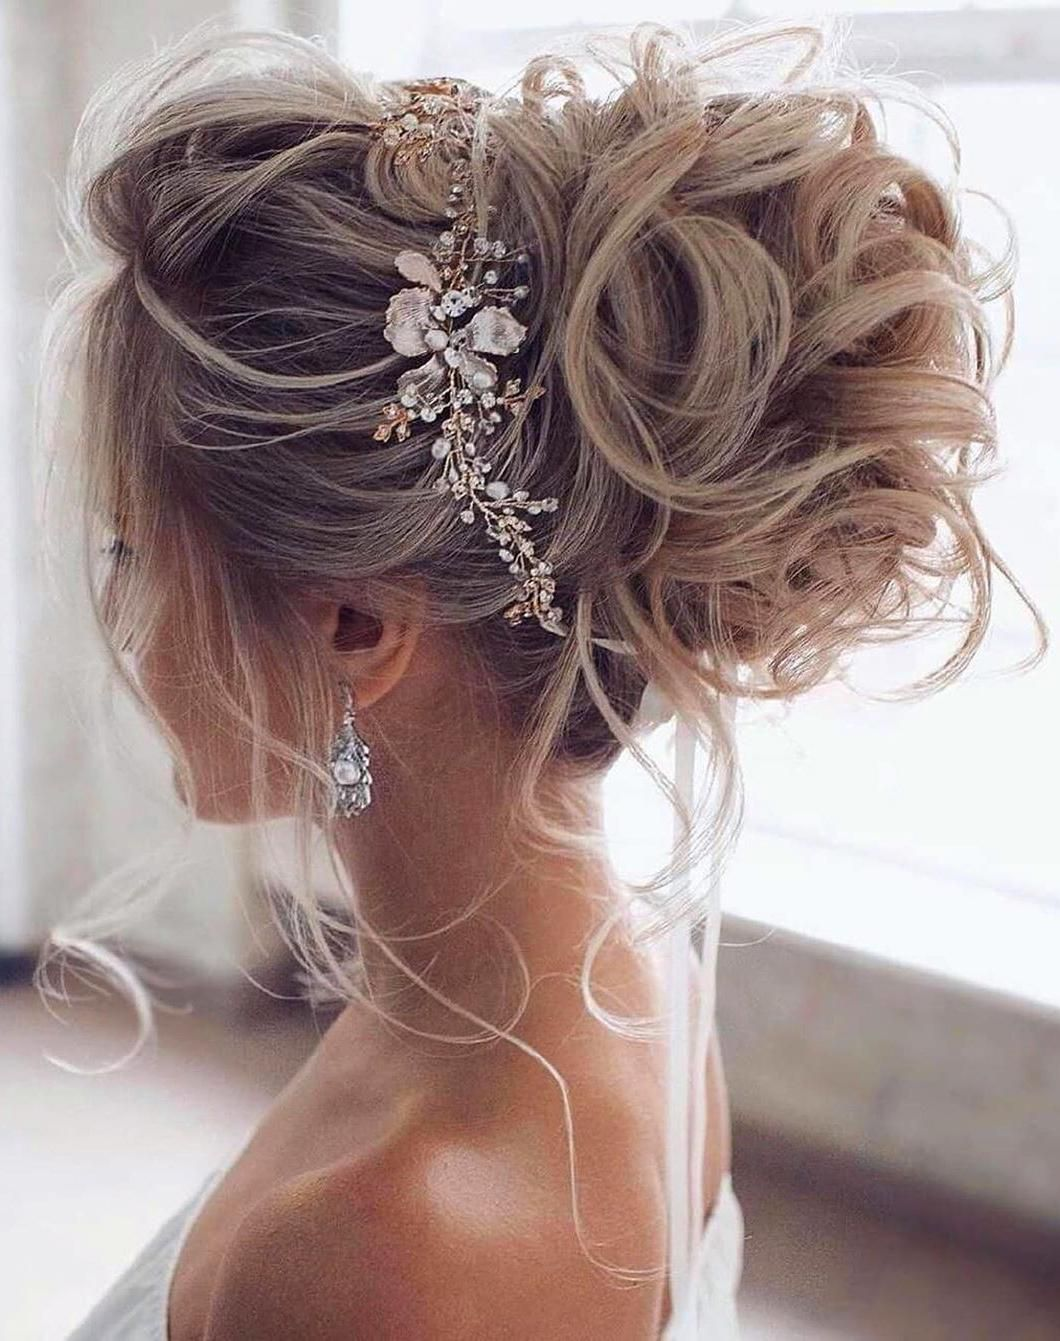 2020 的 Elegant Prom Updo Wedding Hairstyles for Medium ...